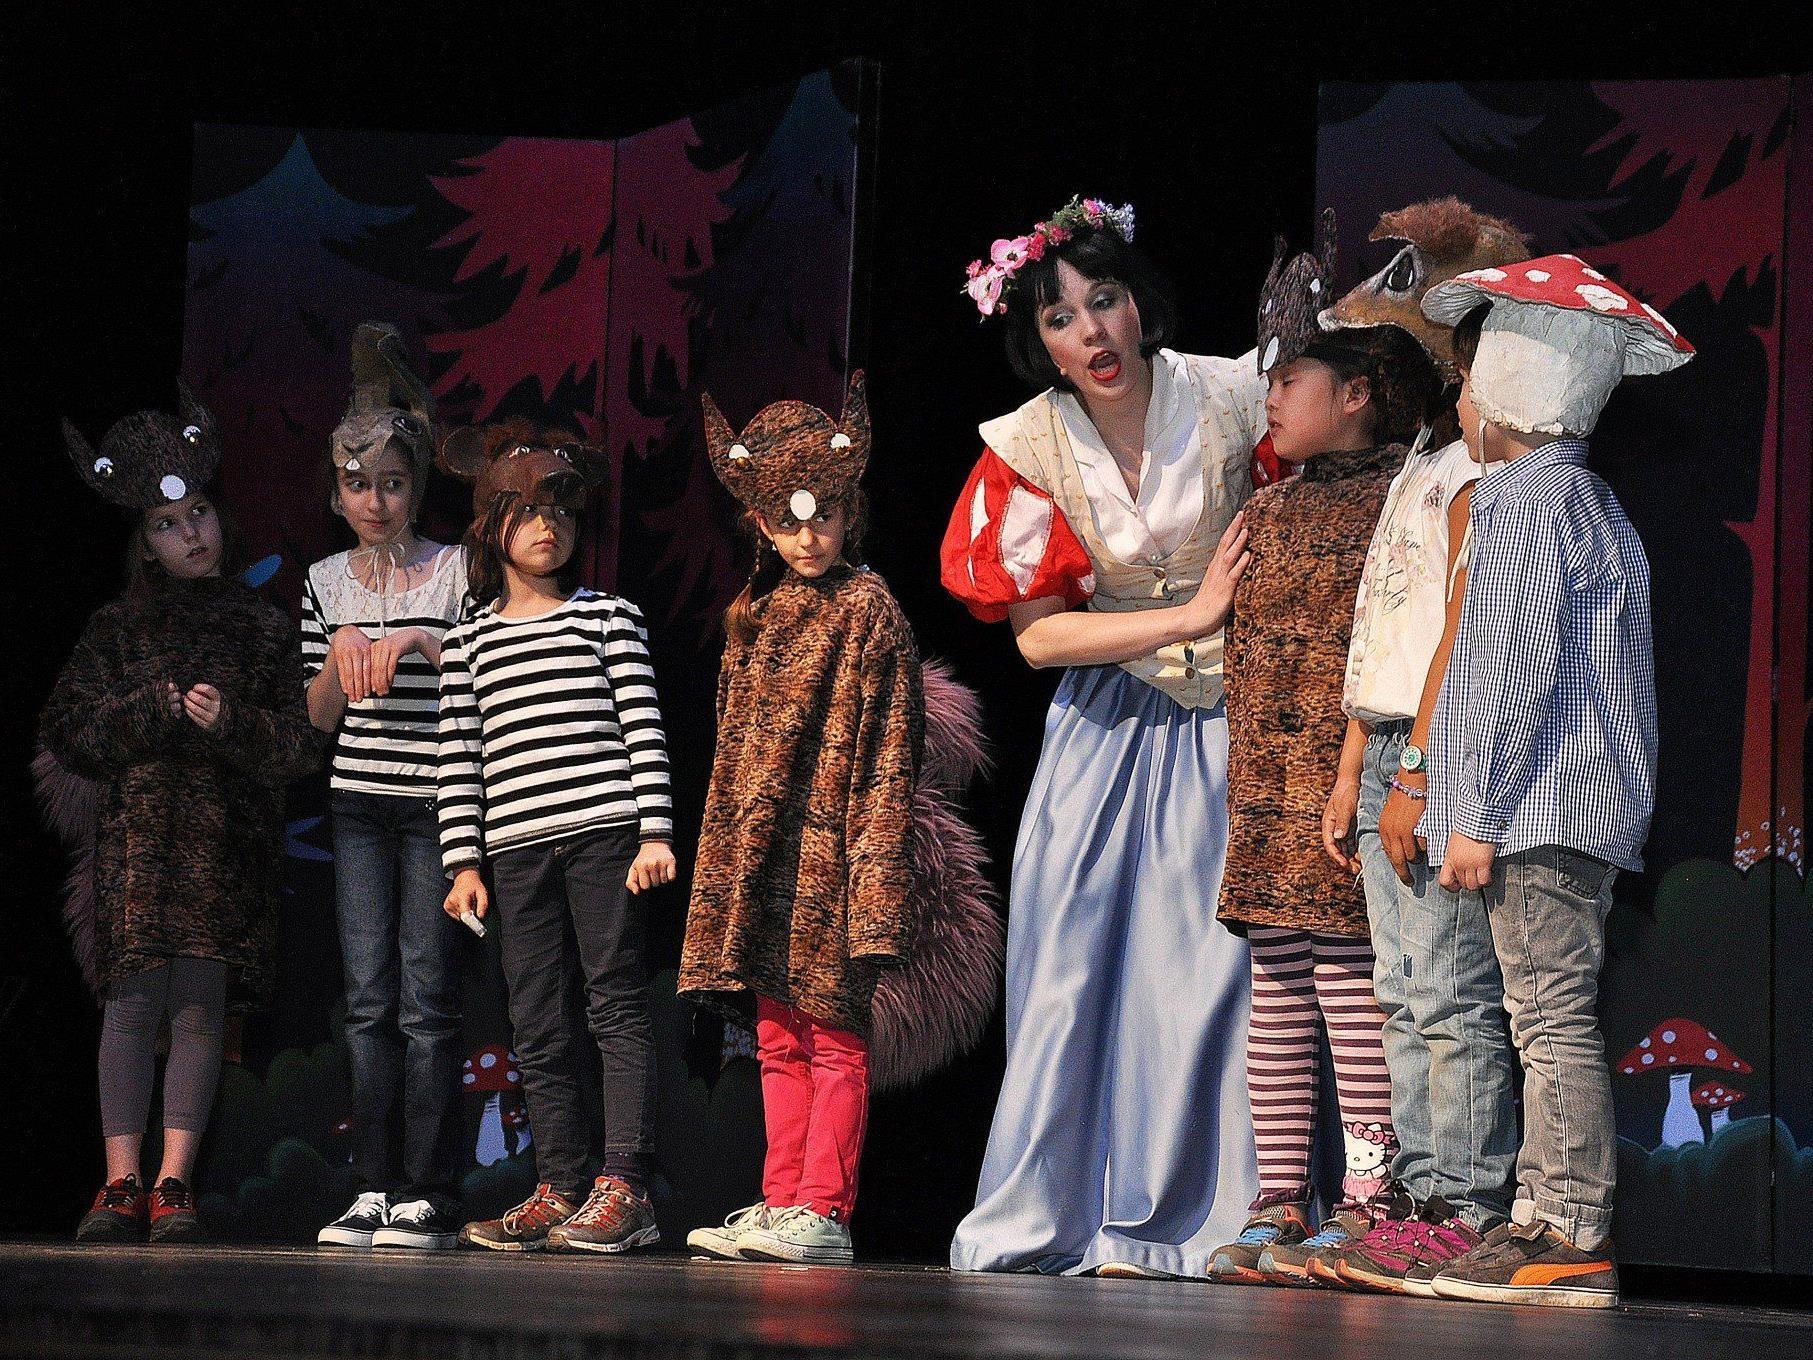 Die Vorstellung bot ein zauberhaftes Märchenerlebnis für die ganze Familie.